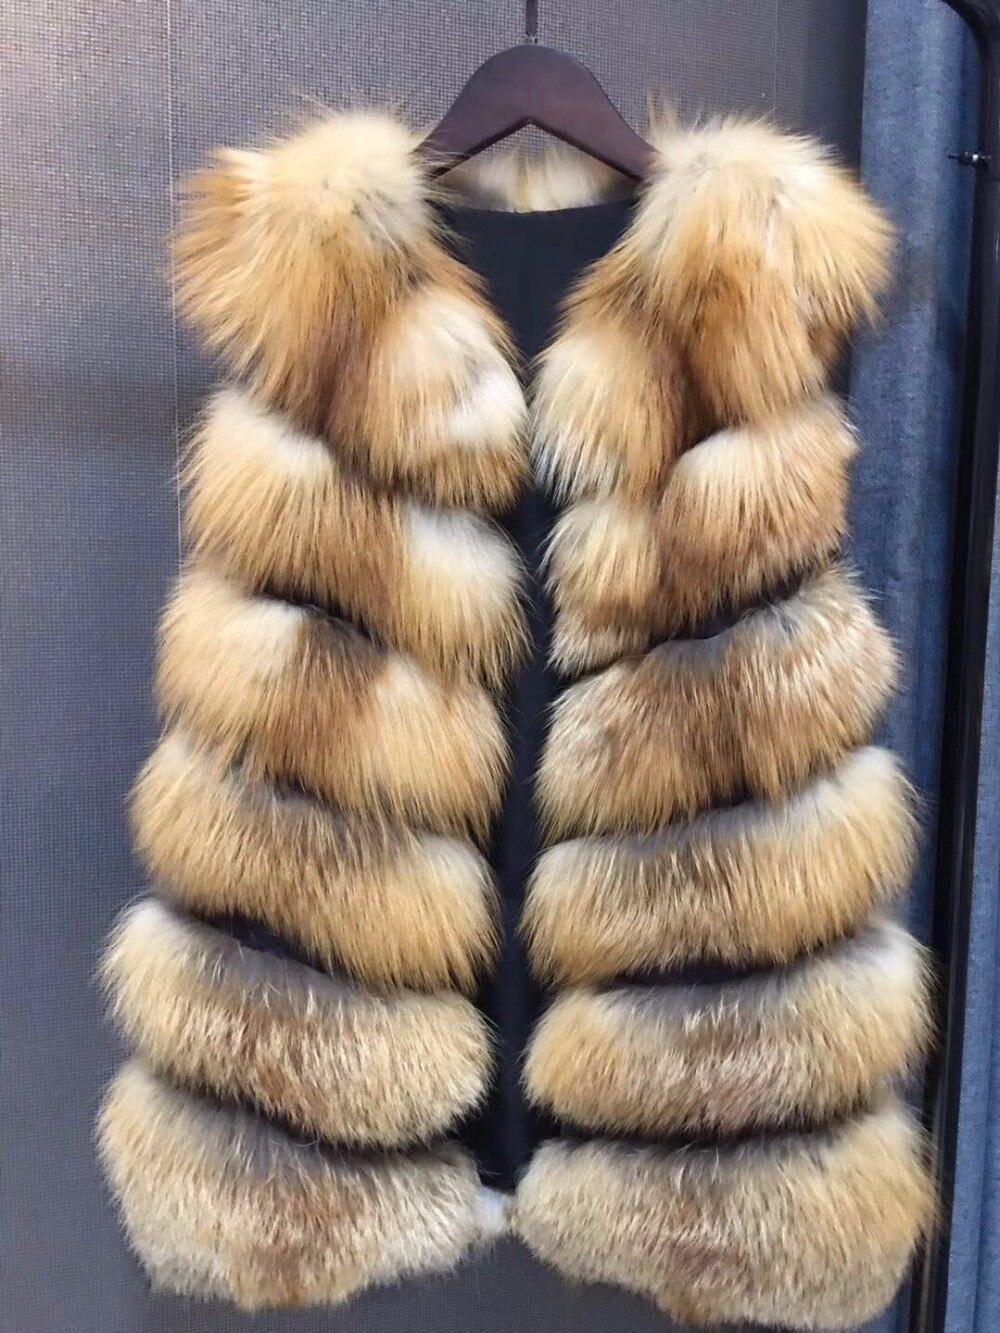 Gilet Hiver Veste Réel Épais Red Fourrure Naturel Femmes Russe Fox Style Véritable yvmnw80NO